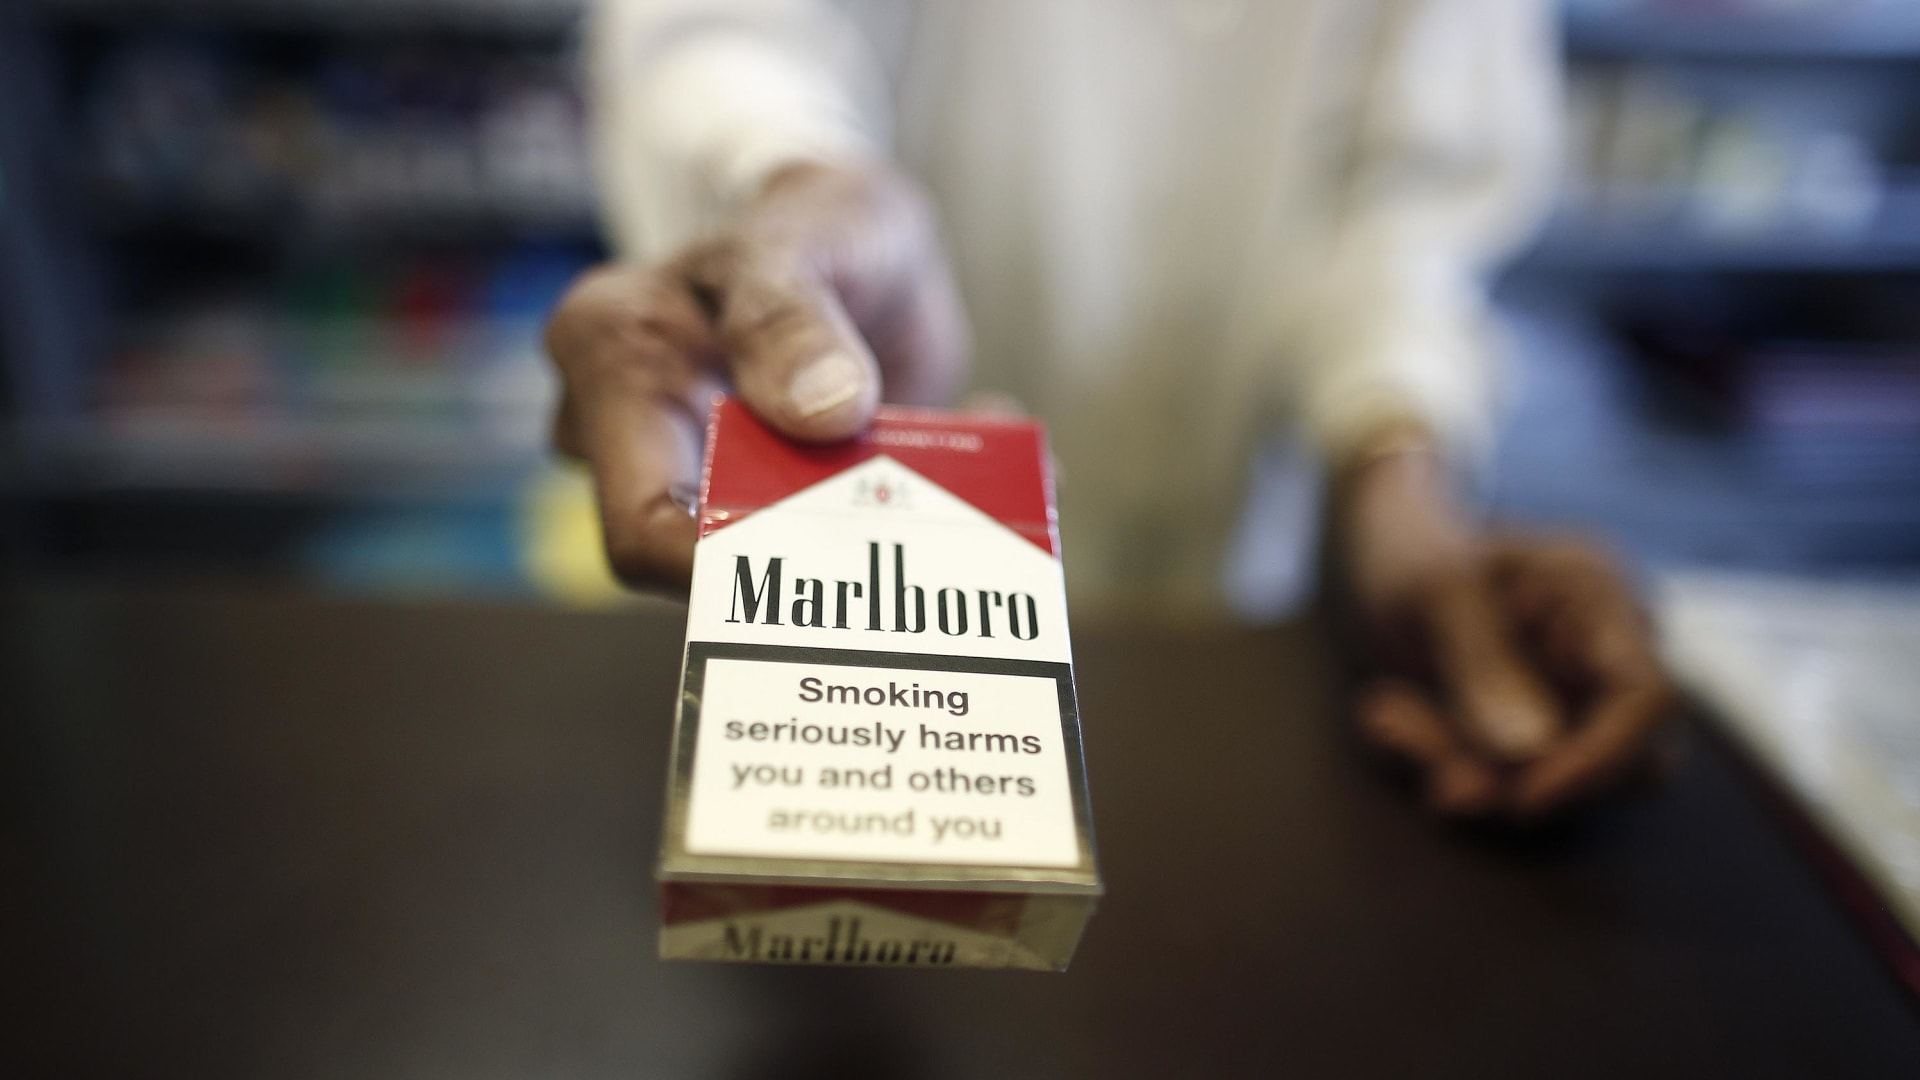 السجائر الإلكترونية.. كيف تؤثر الدعاية والنكهات على تدخينها؟